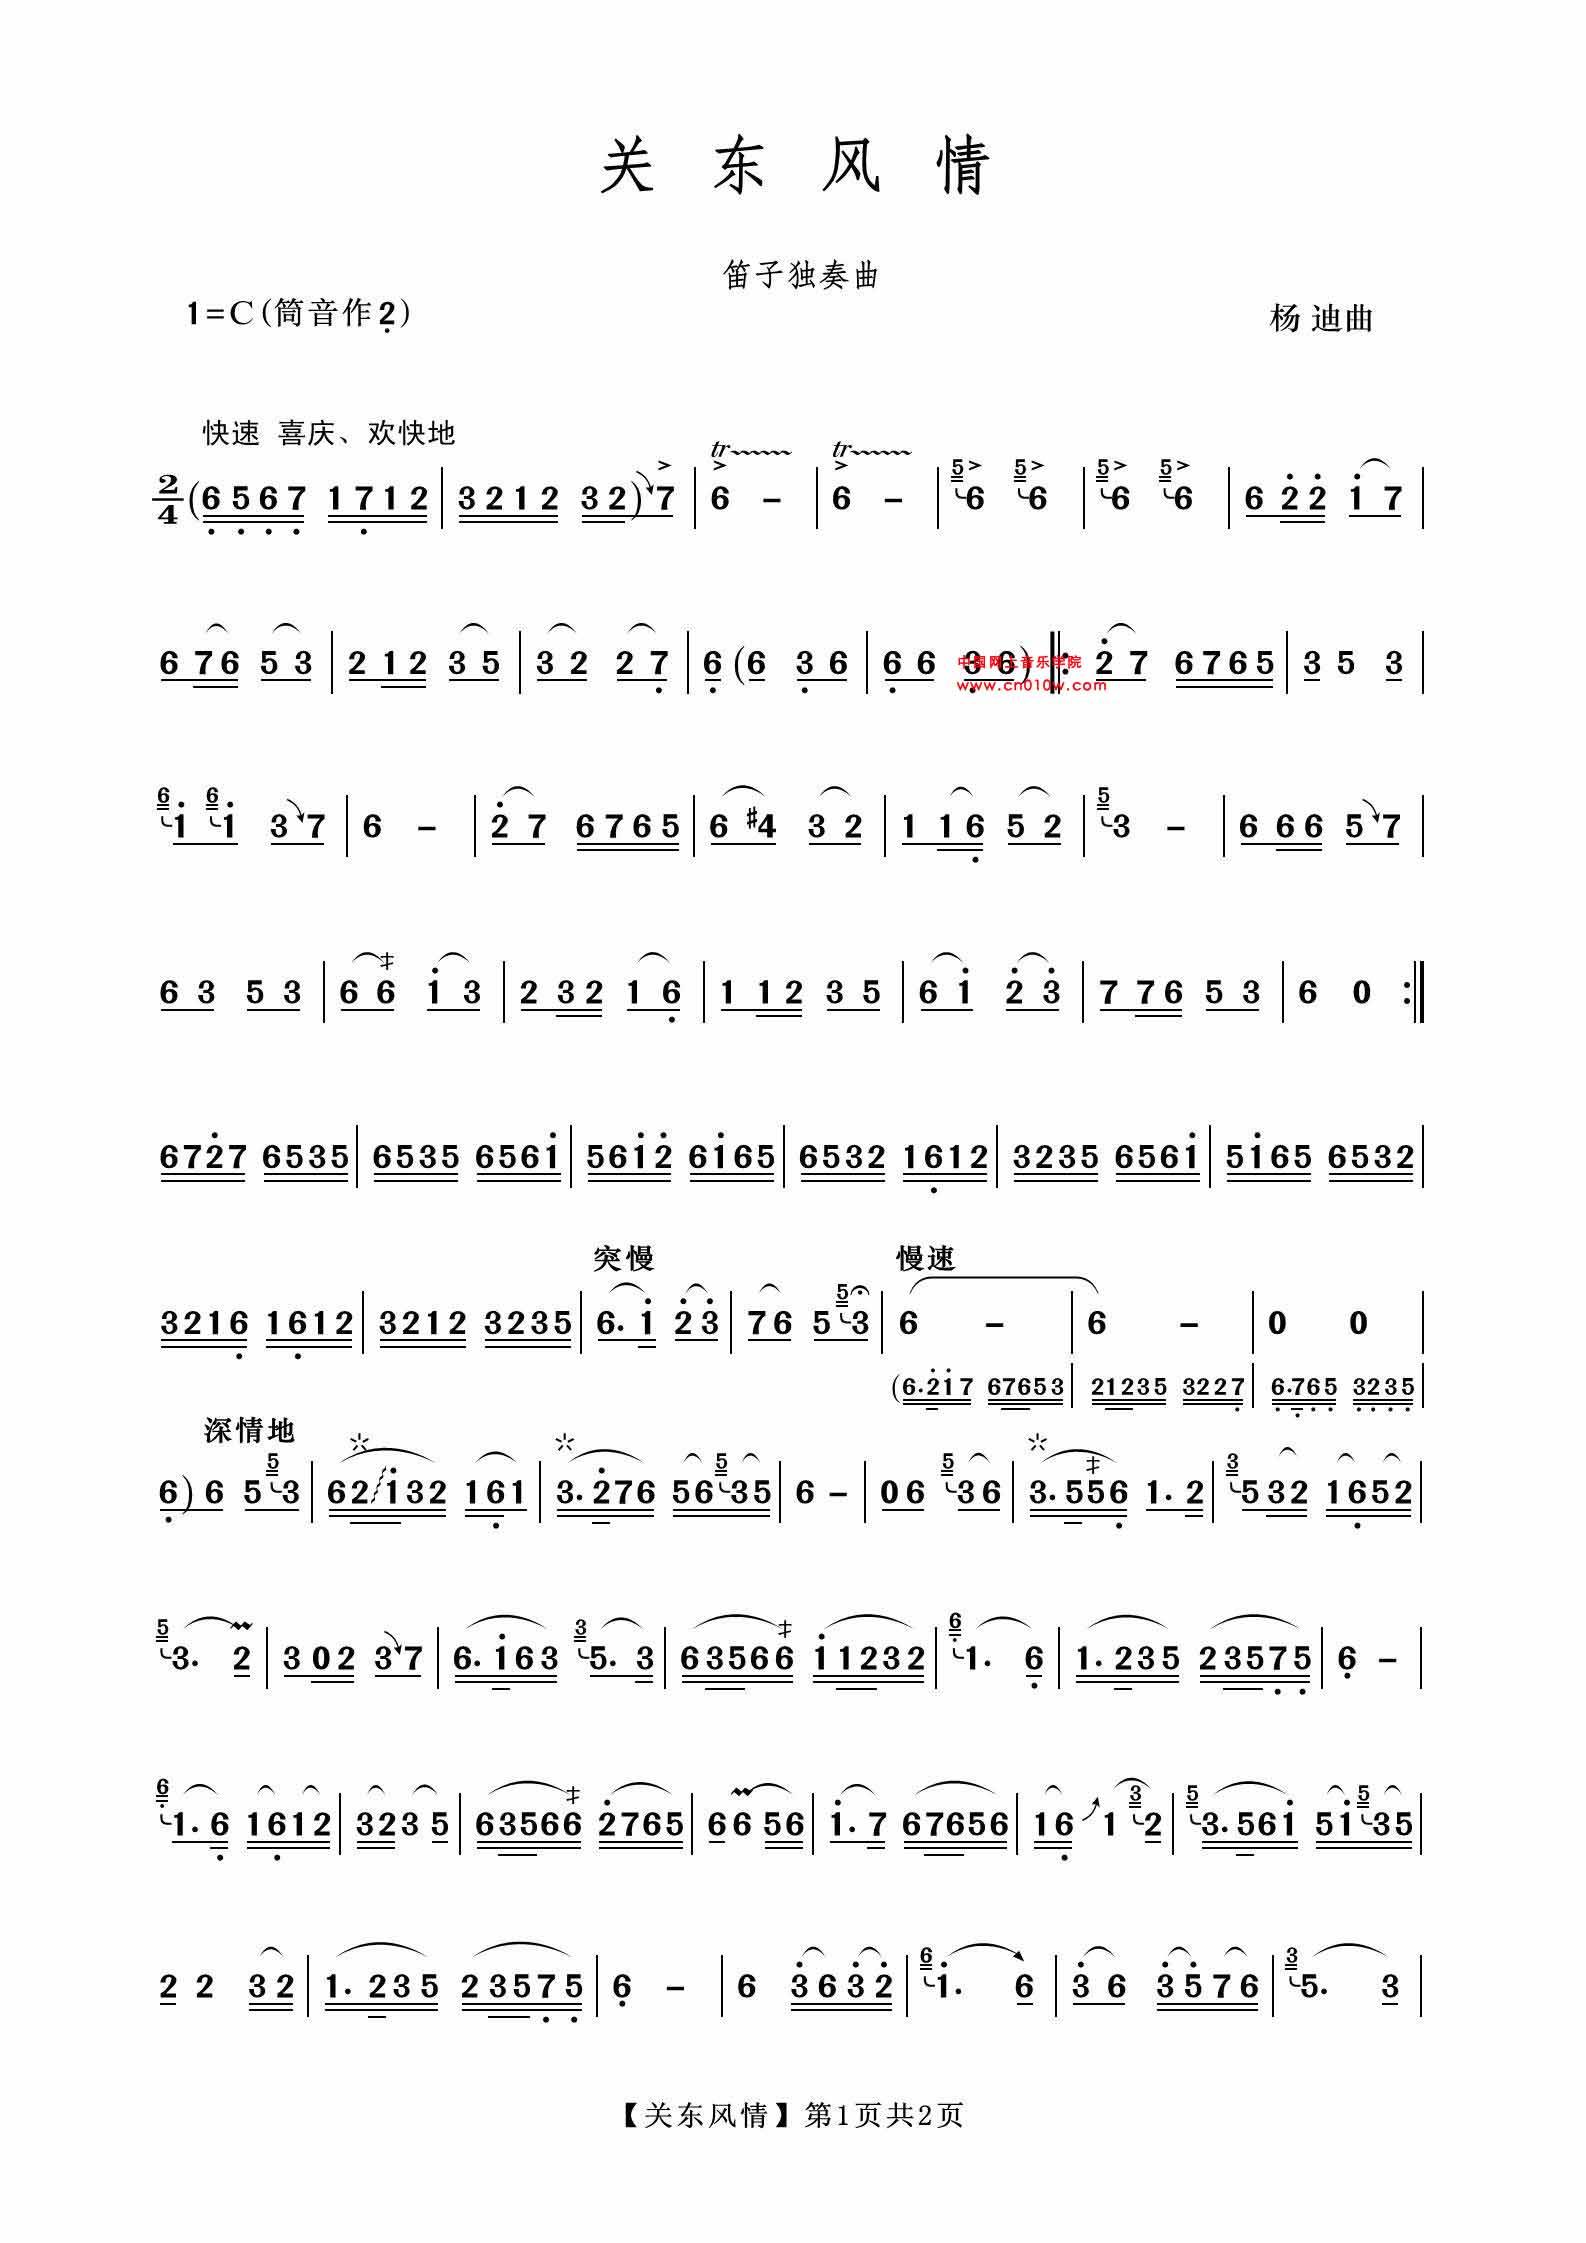 伴奏音乐 曲谱下载 >> 民歌曲谱 关东风情01  2013-4-22 16:51:06&